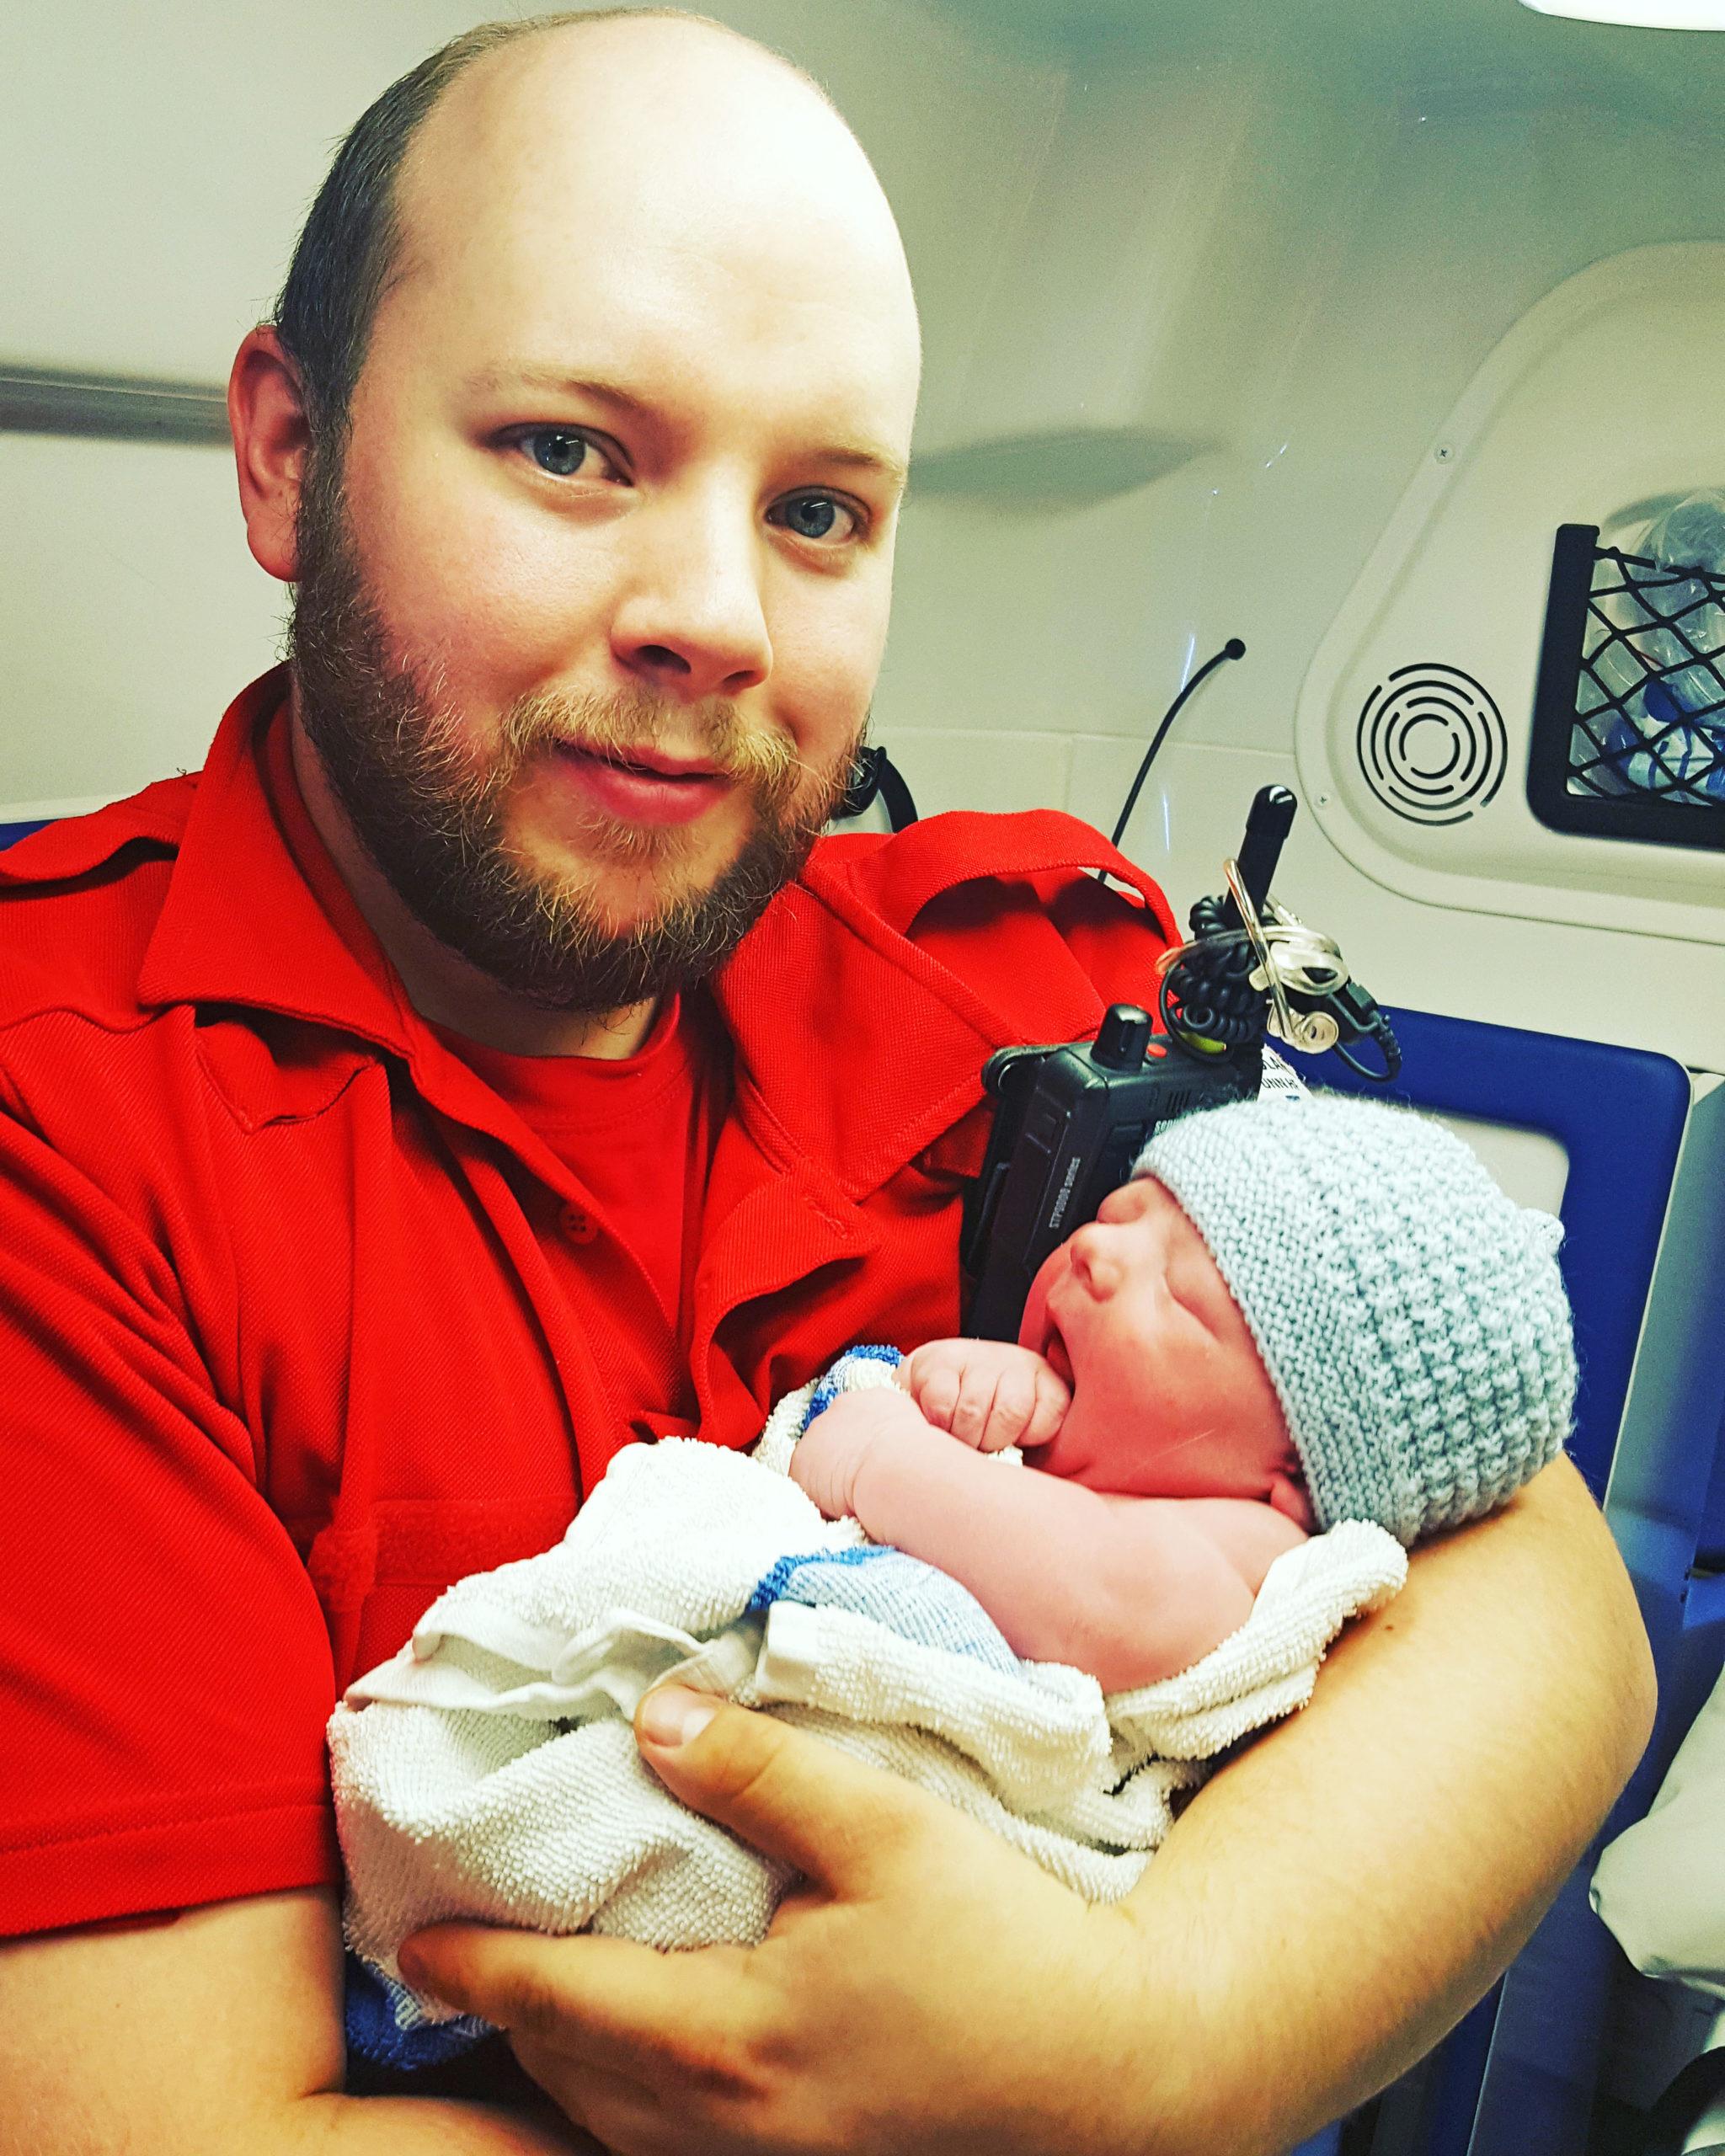 Bilde av David Andersen som er ambulansearbeider, med nyfødt baby - Cingulum